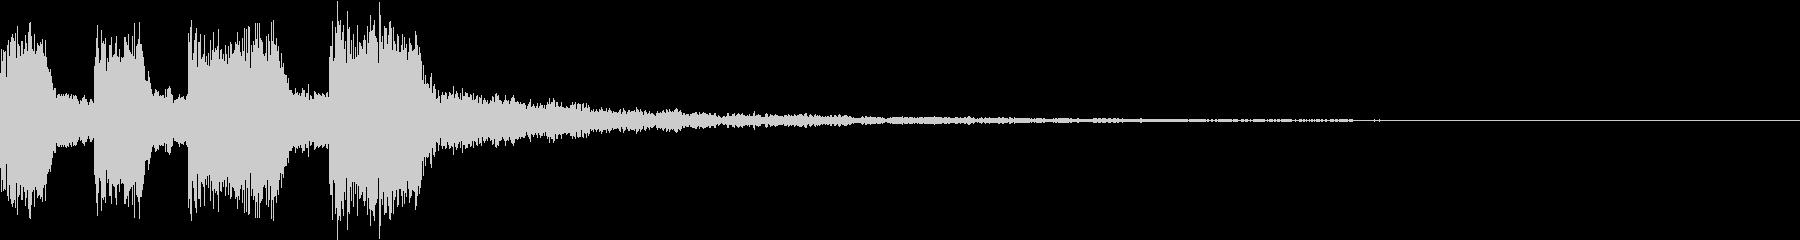 シンプル アナログ ファンファーレ 02の未再生の波形